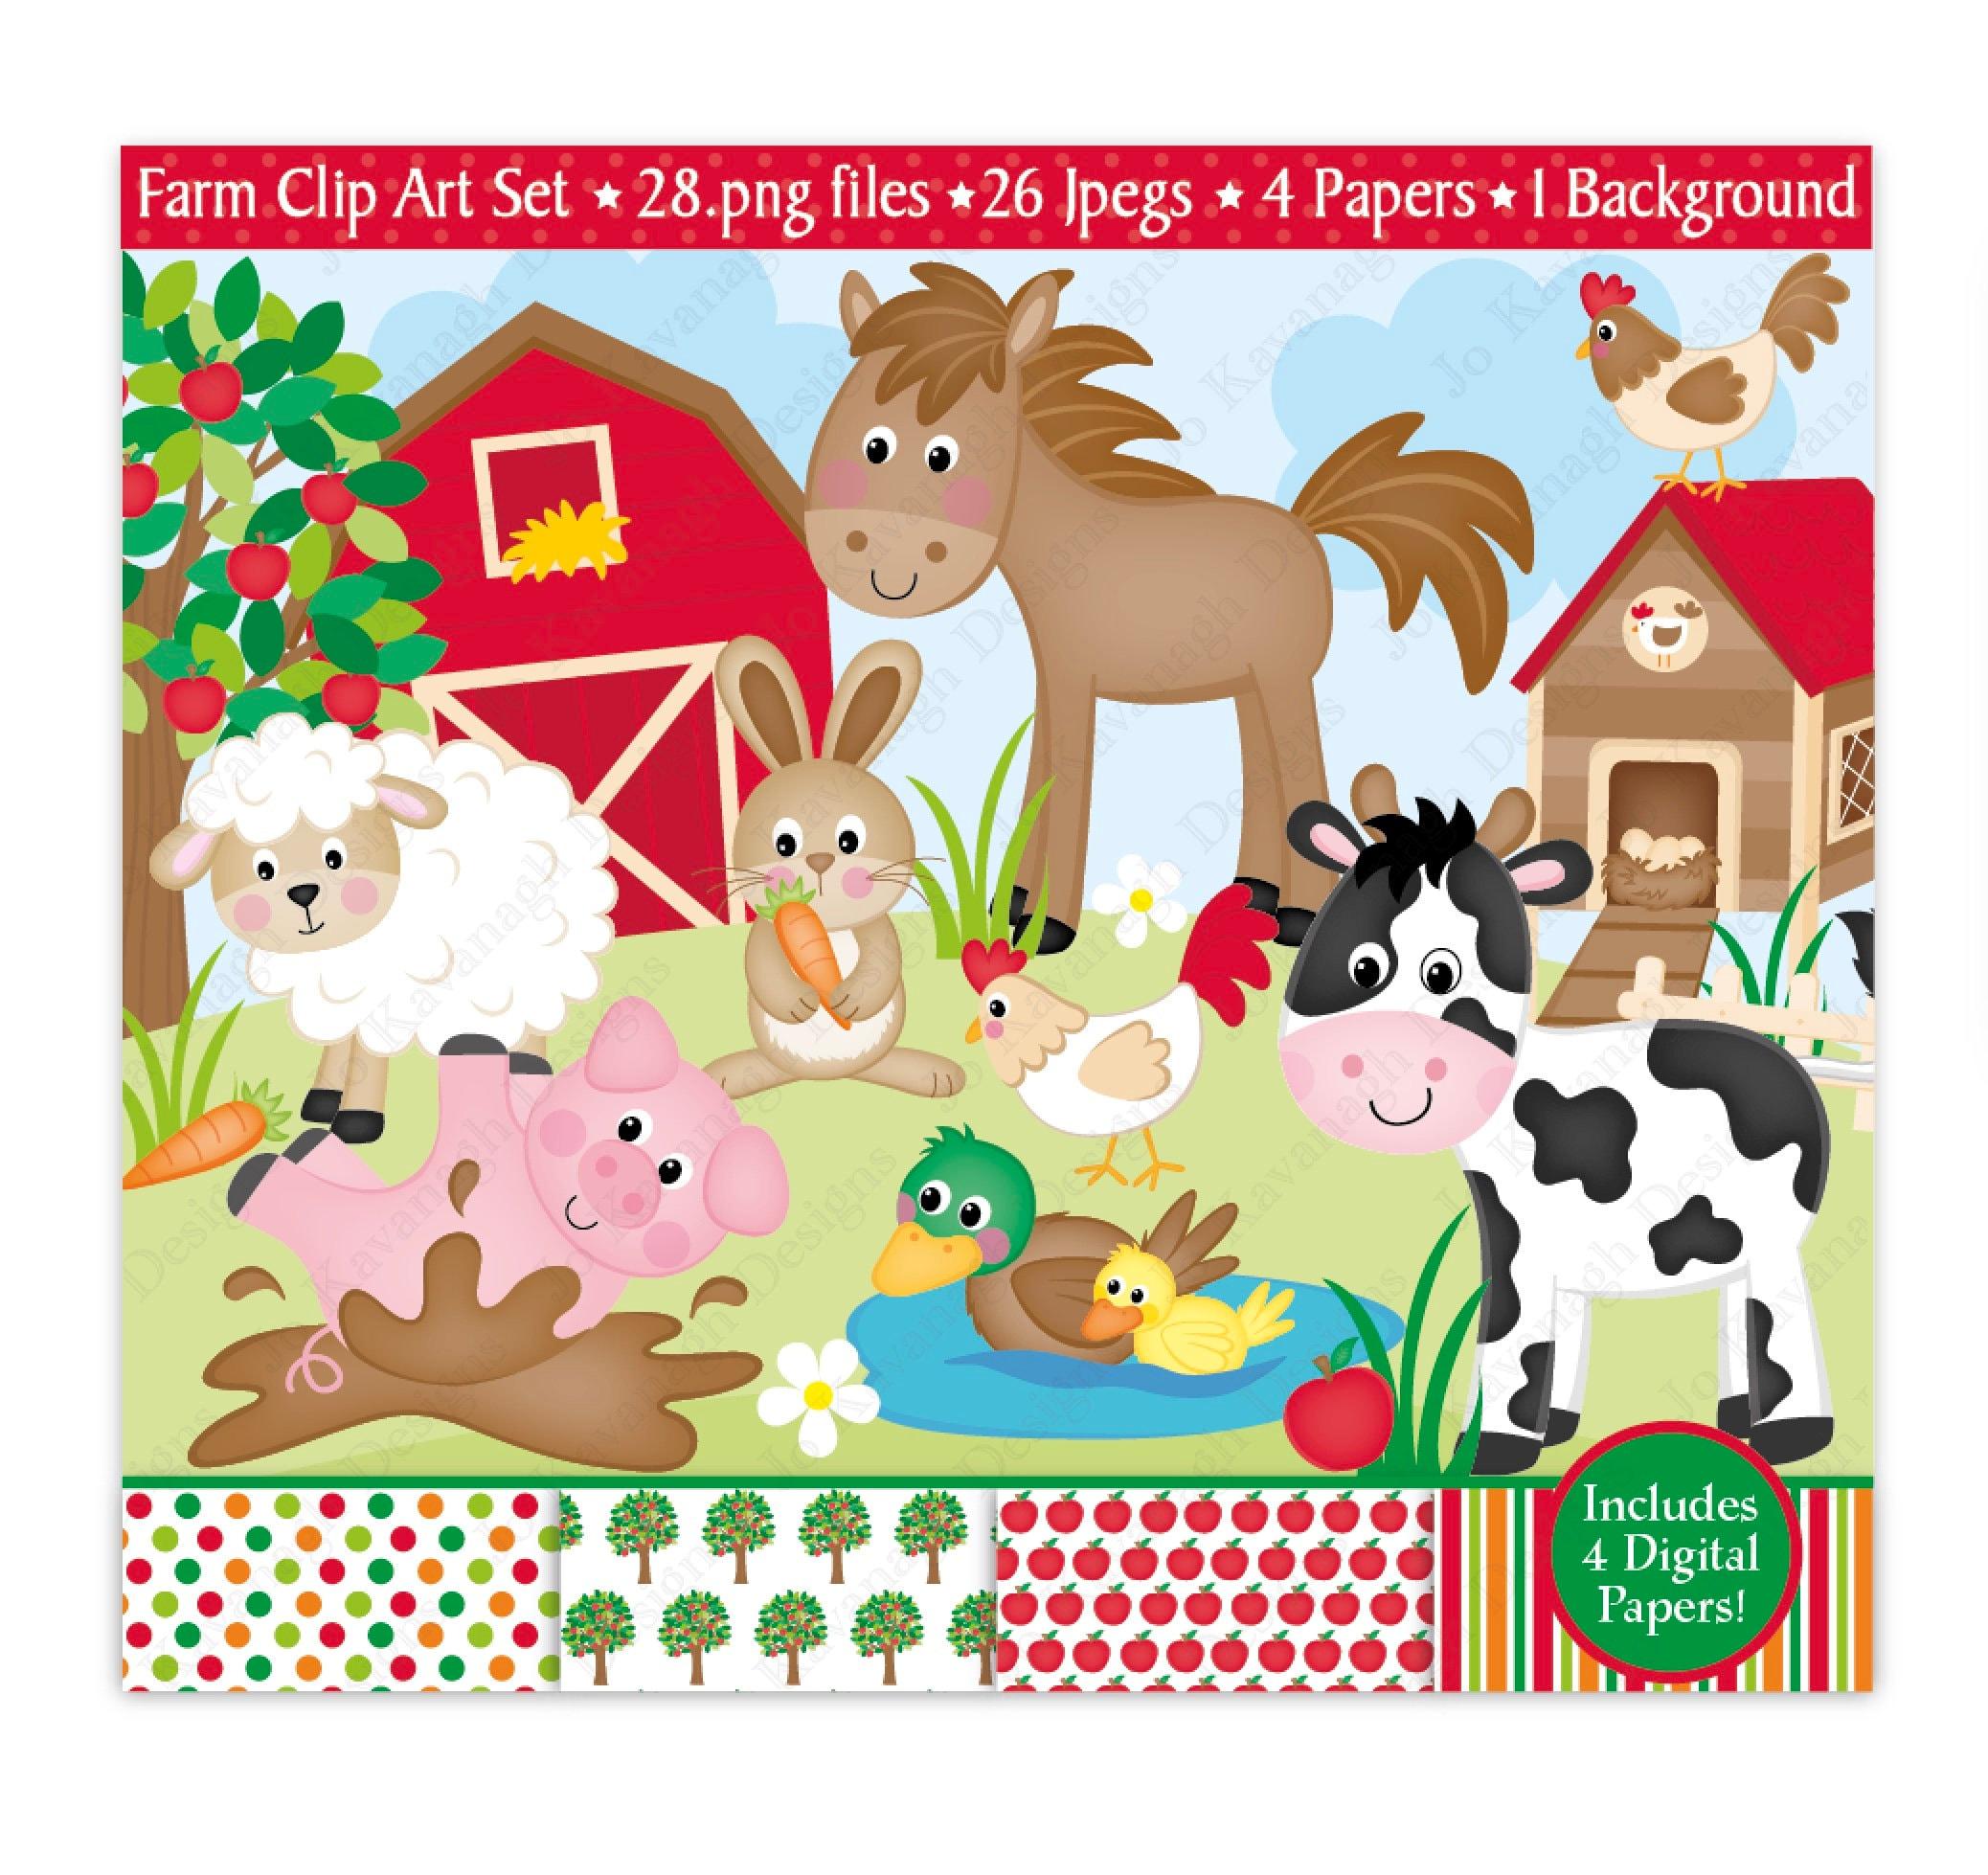 Bauernhof Clipart Bauernhof Tier Digital Papiere Bauernhof | Etsy